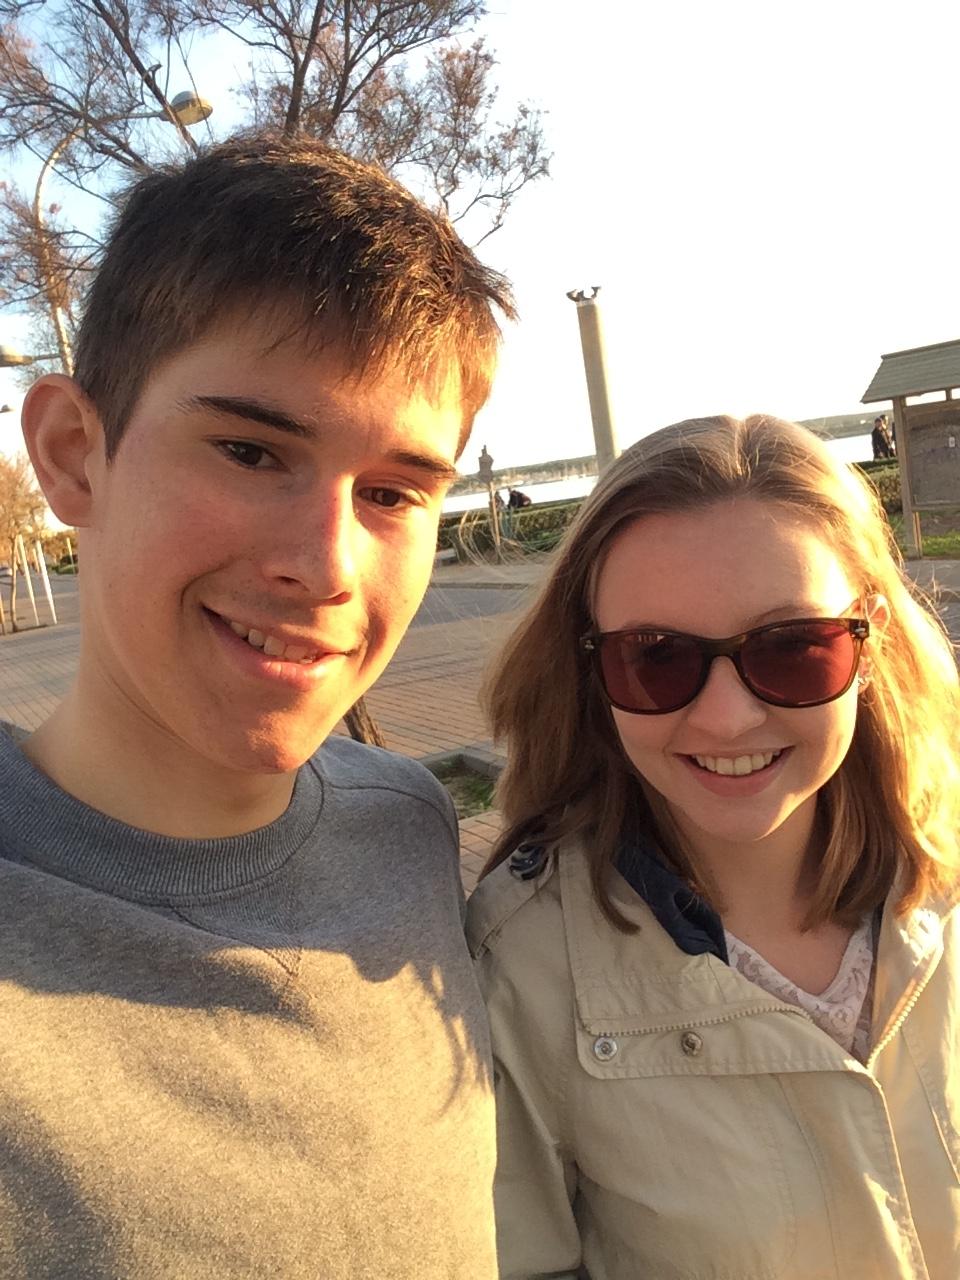 Lukas und Katharina auf der Strandpromenade